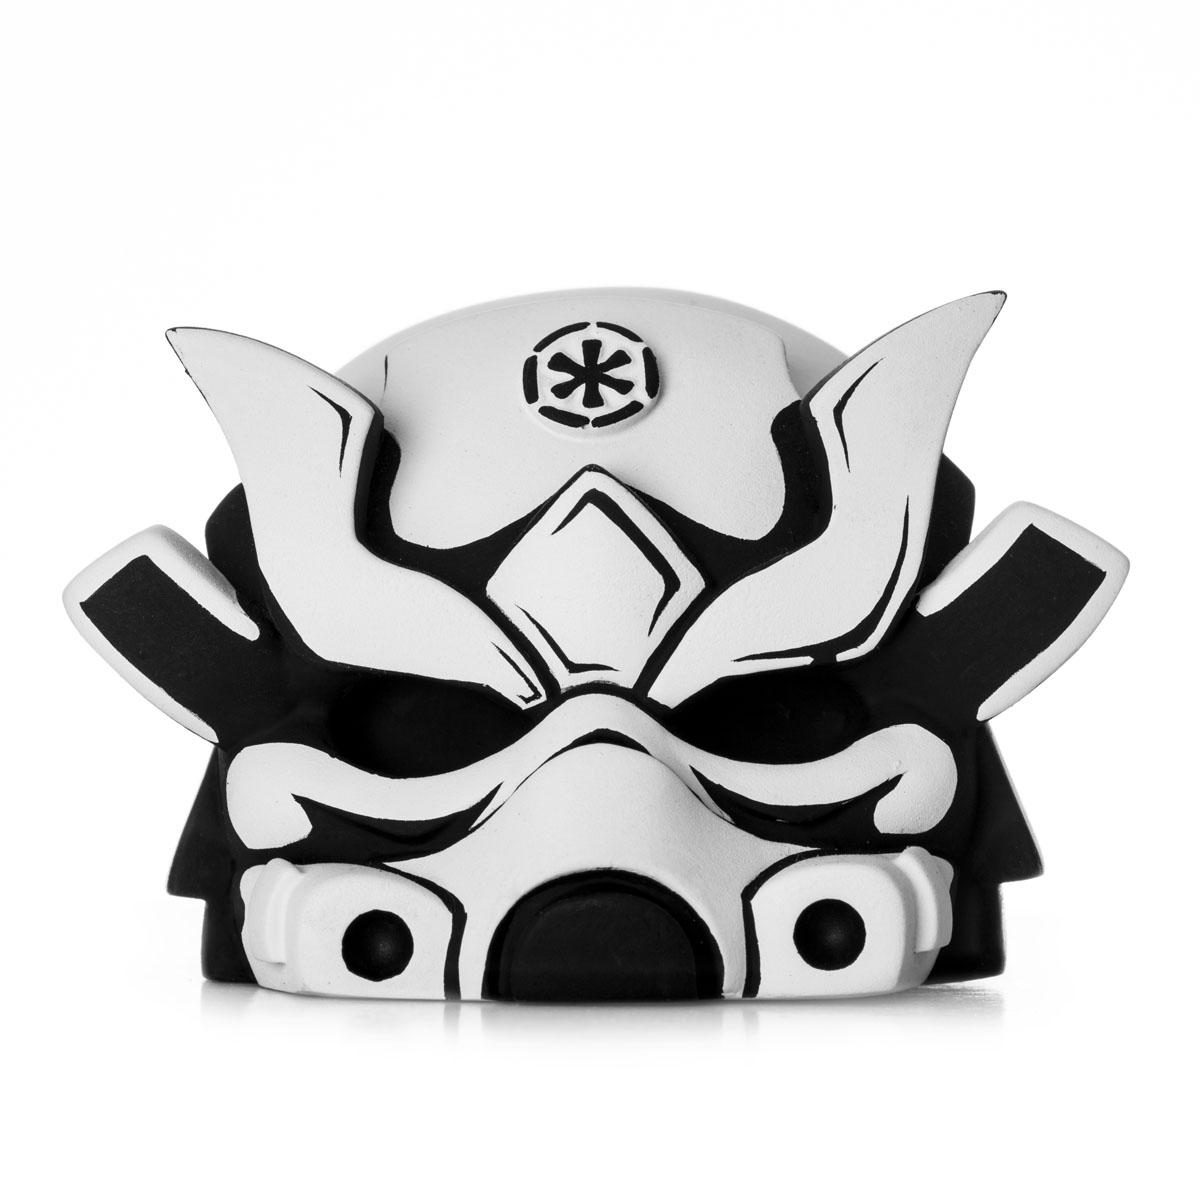 JPK Stormtrooper Samurai Artmymind Helmet